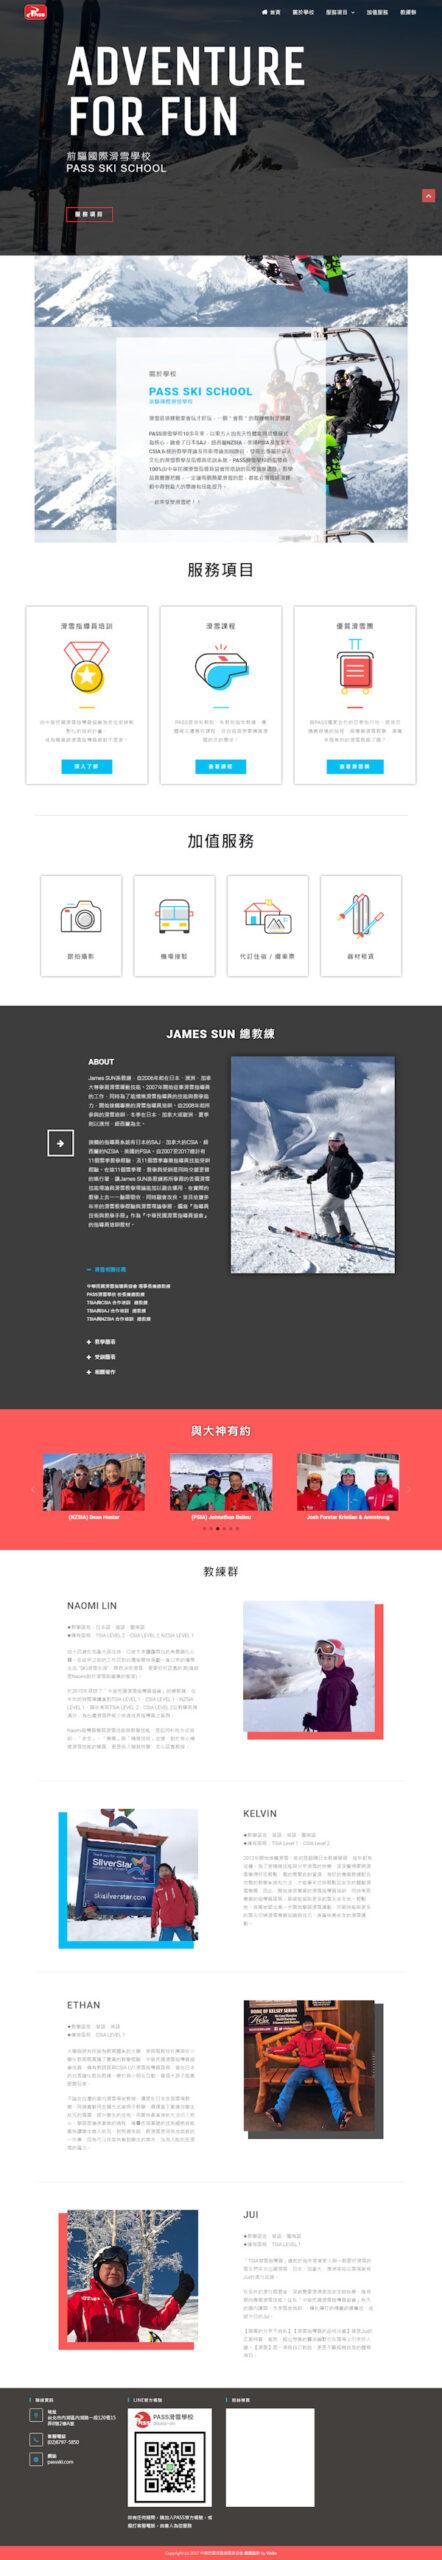 網頁設計-滑雪指導員協會2